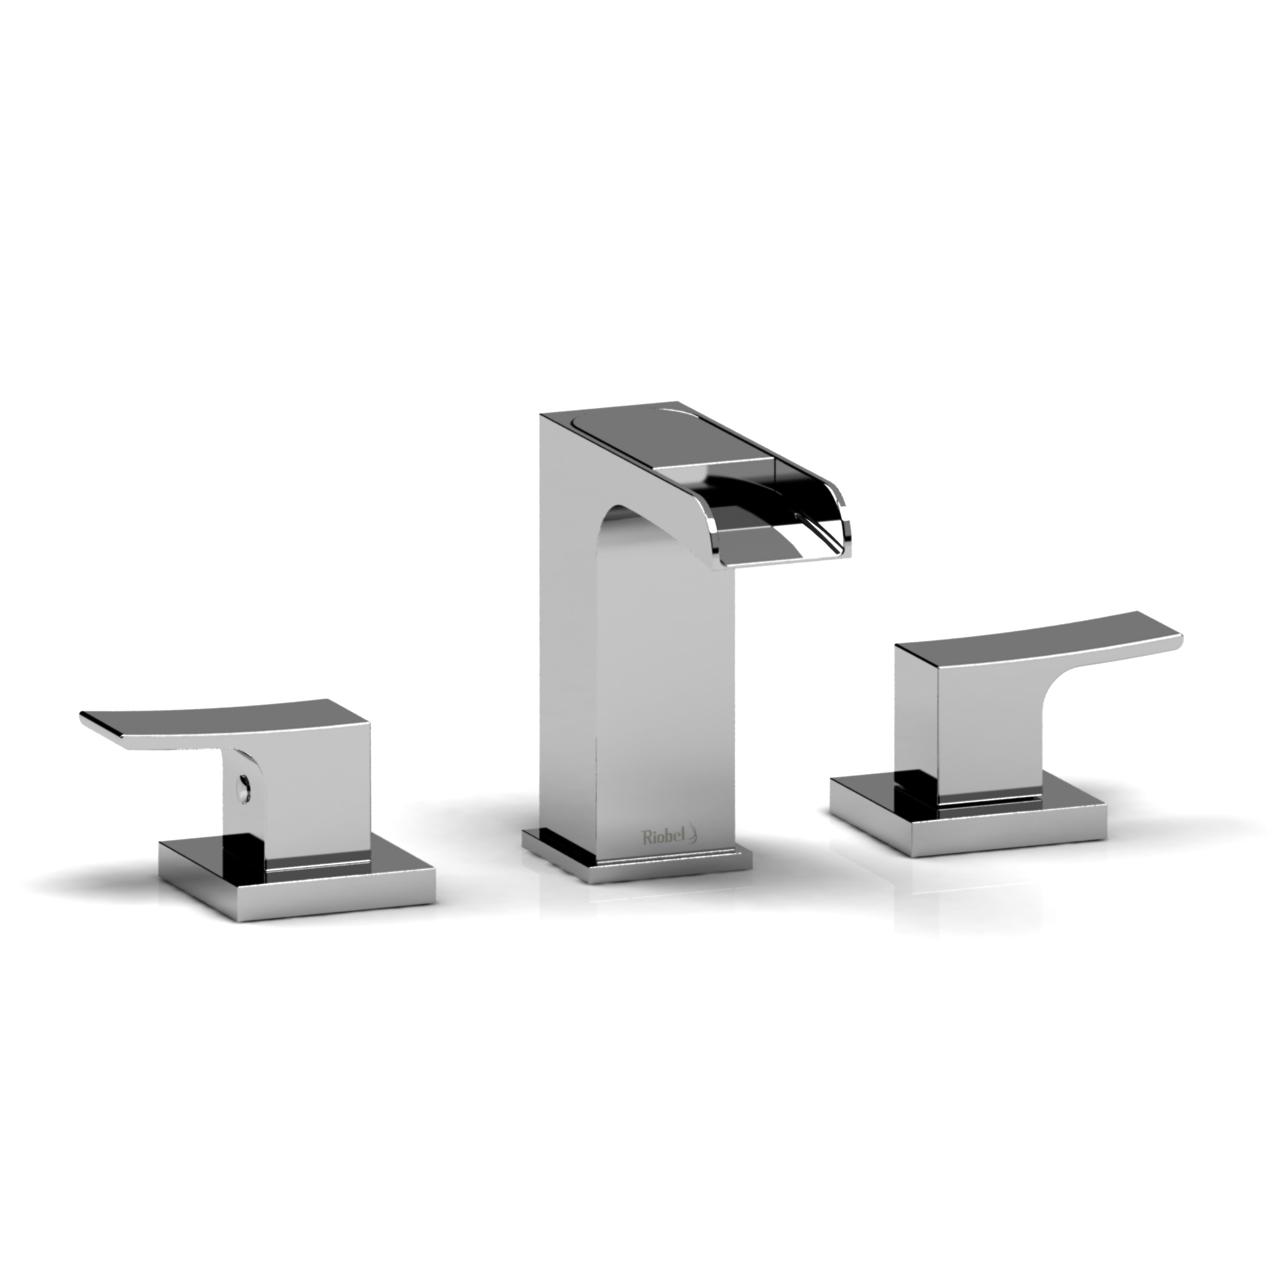 Riobel Zendo 8 Quot Lavatory Open Spout Faucet Zoop08 Bliss